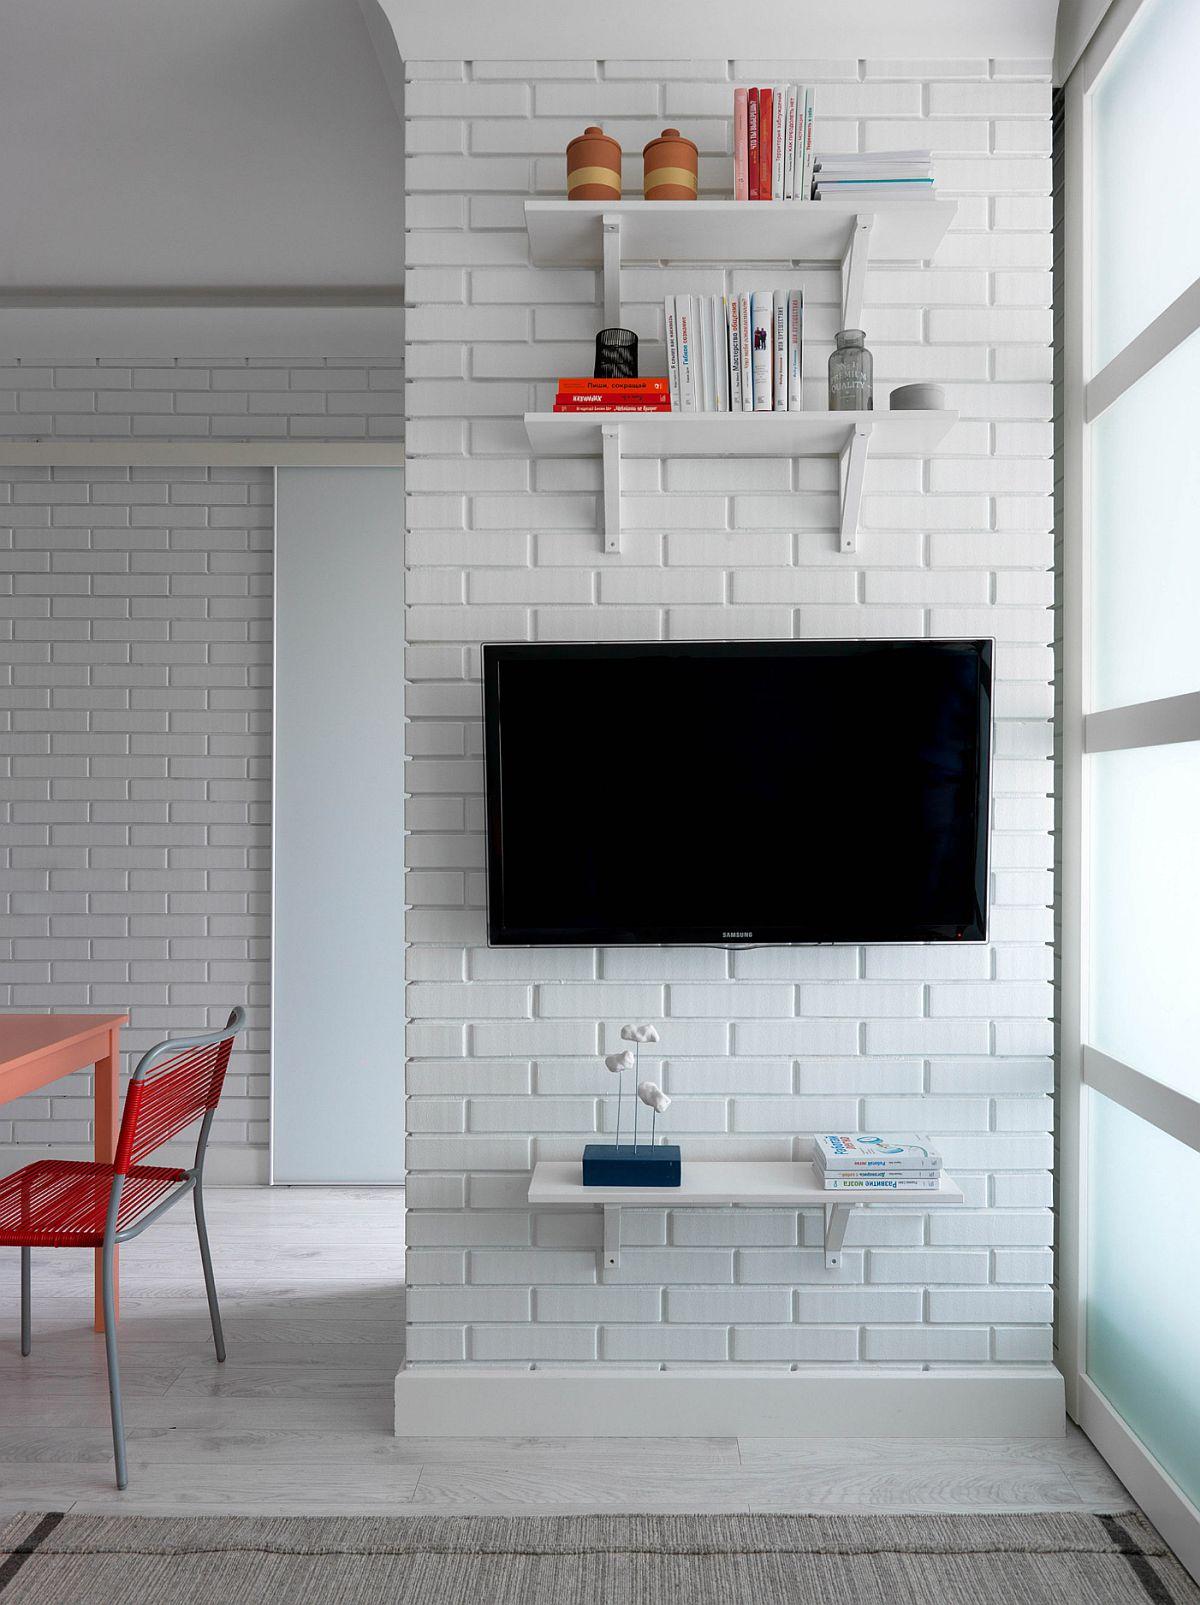 Televizorul este așezat în așa fel încât să poată fi văzut și din dormitor. Mobilarea este absolut mininală, fără contraste față de suprafața pereților.